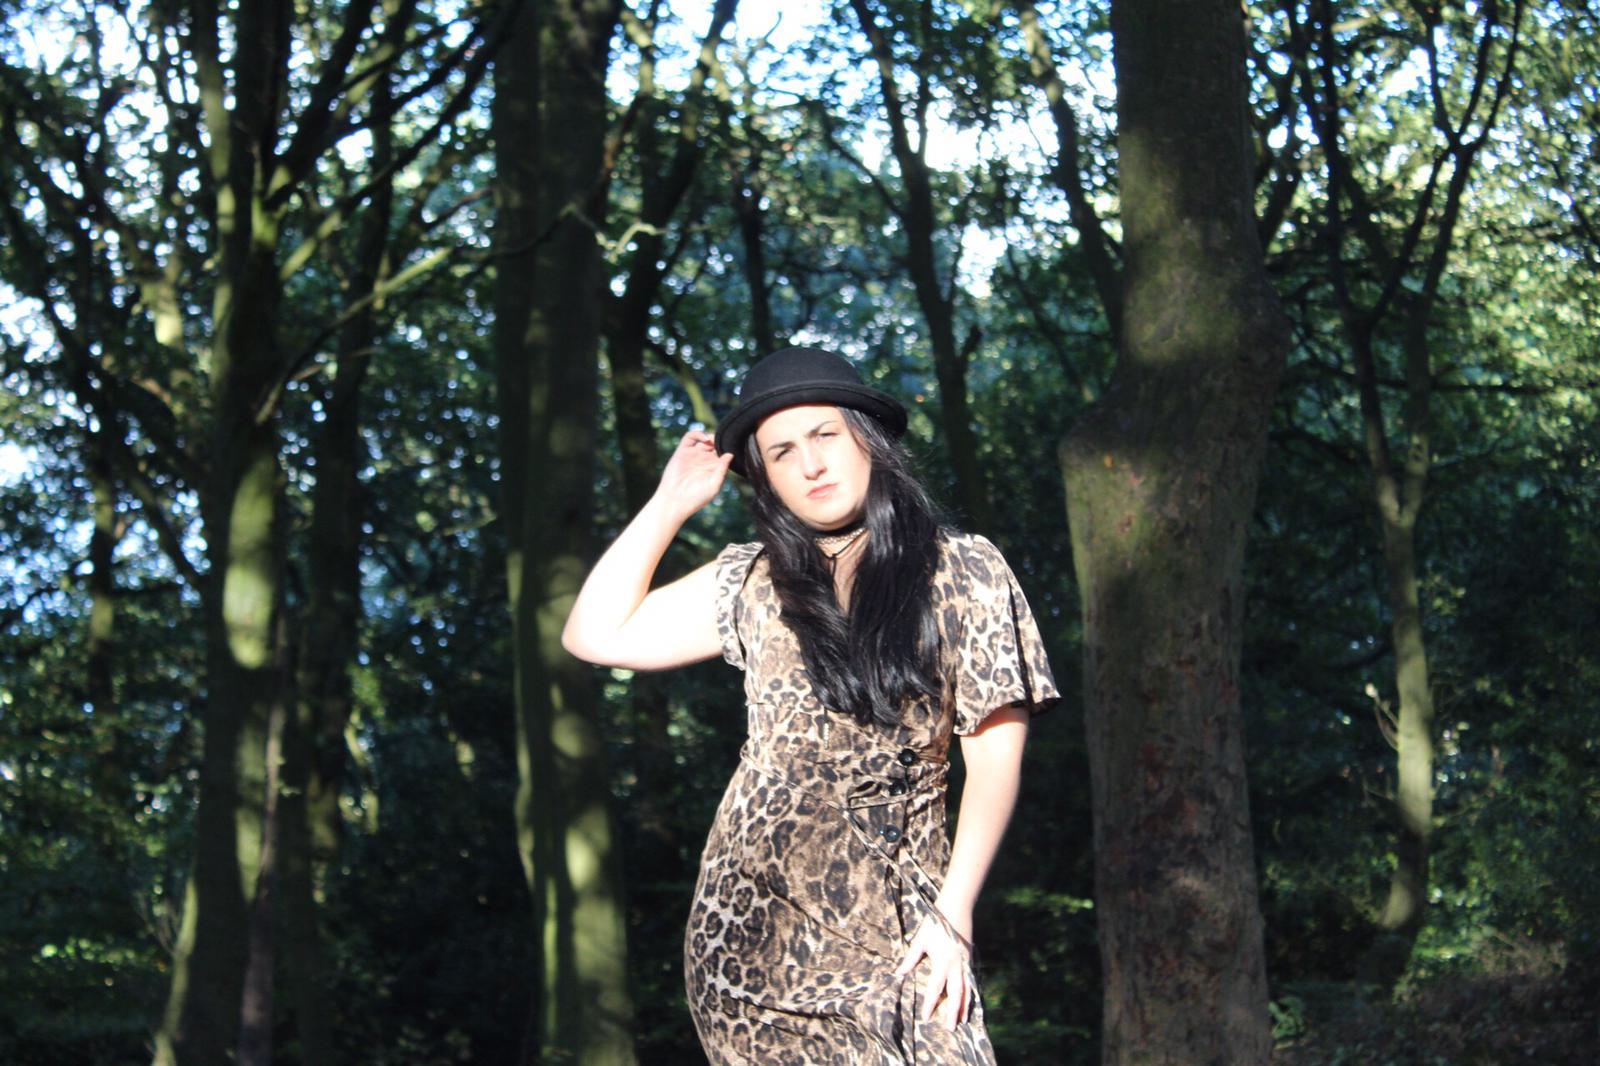 OOTD – Leopard Print Dress